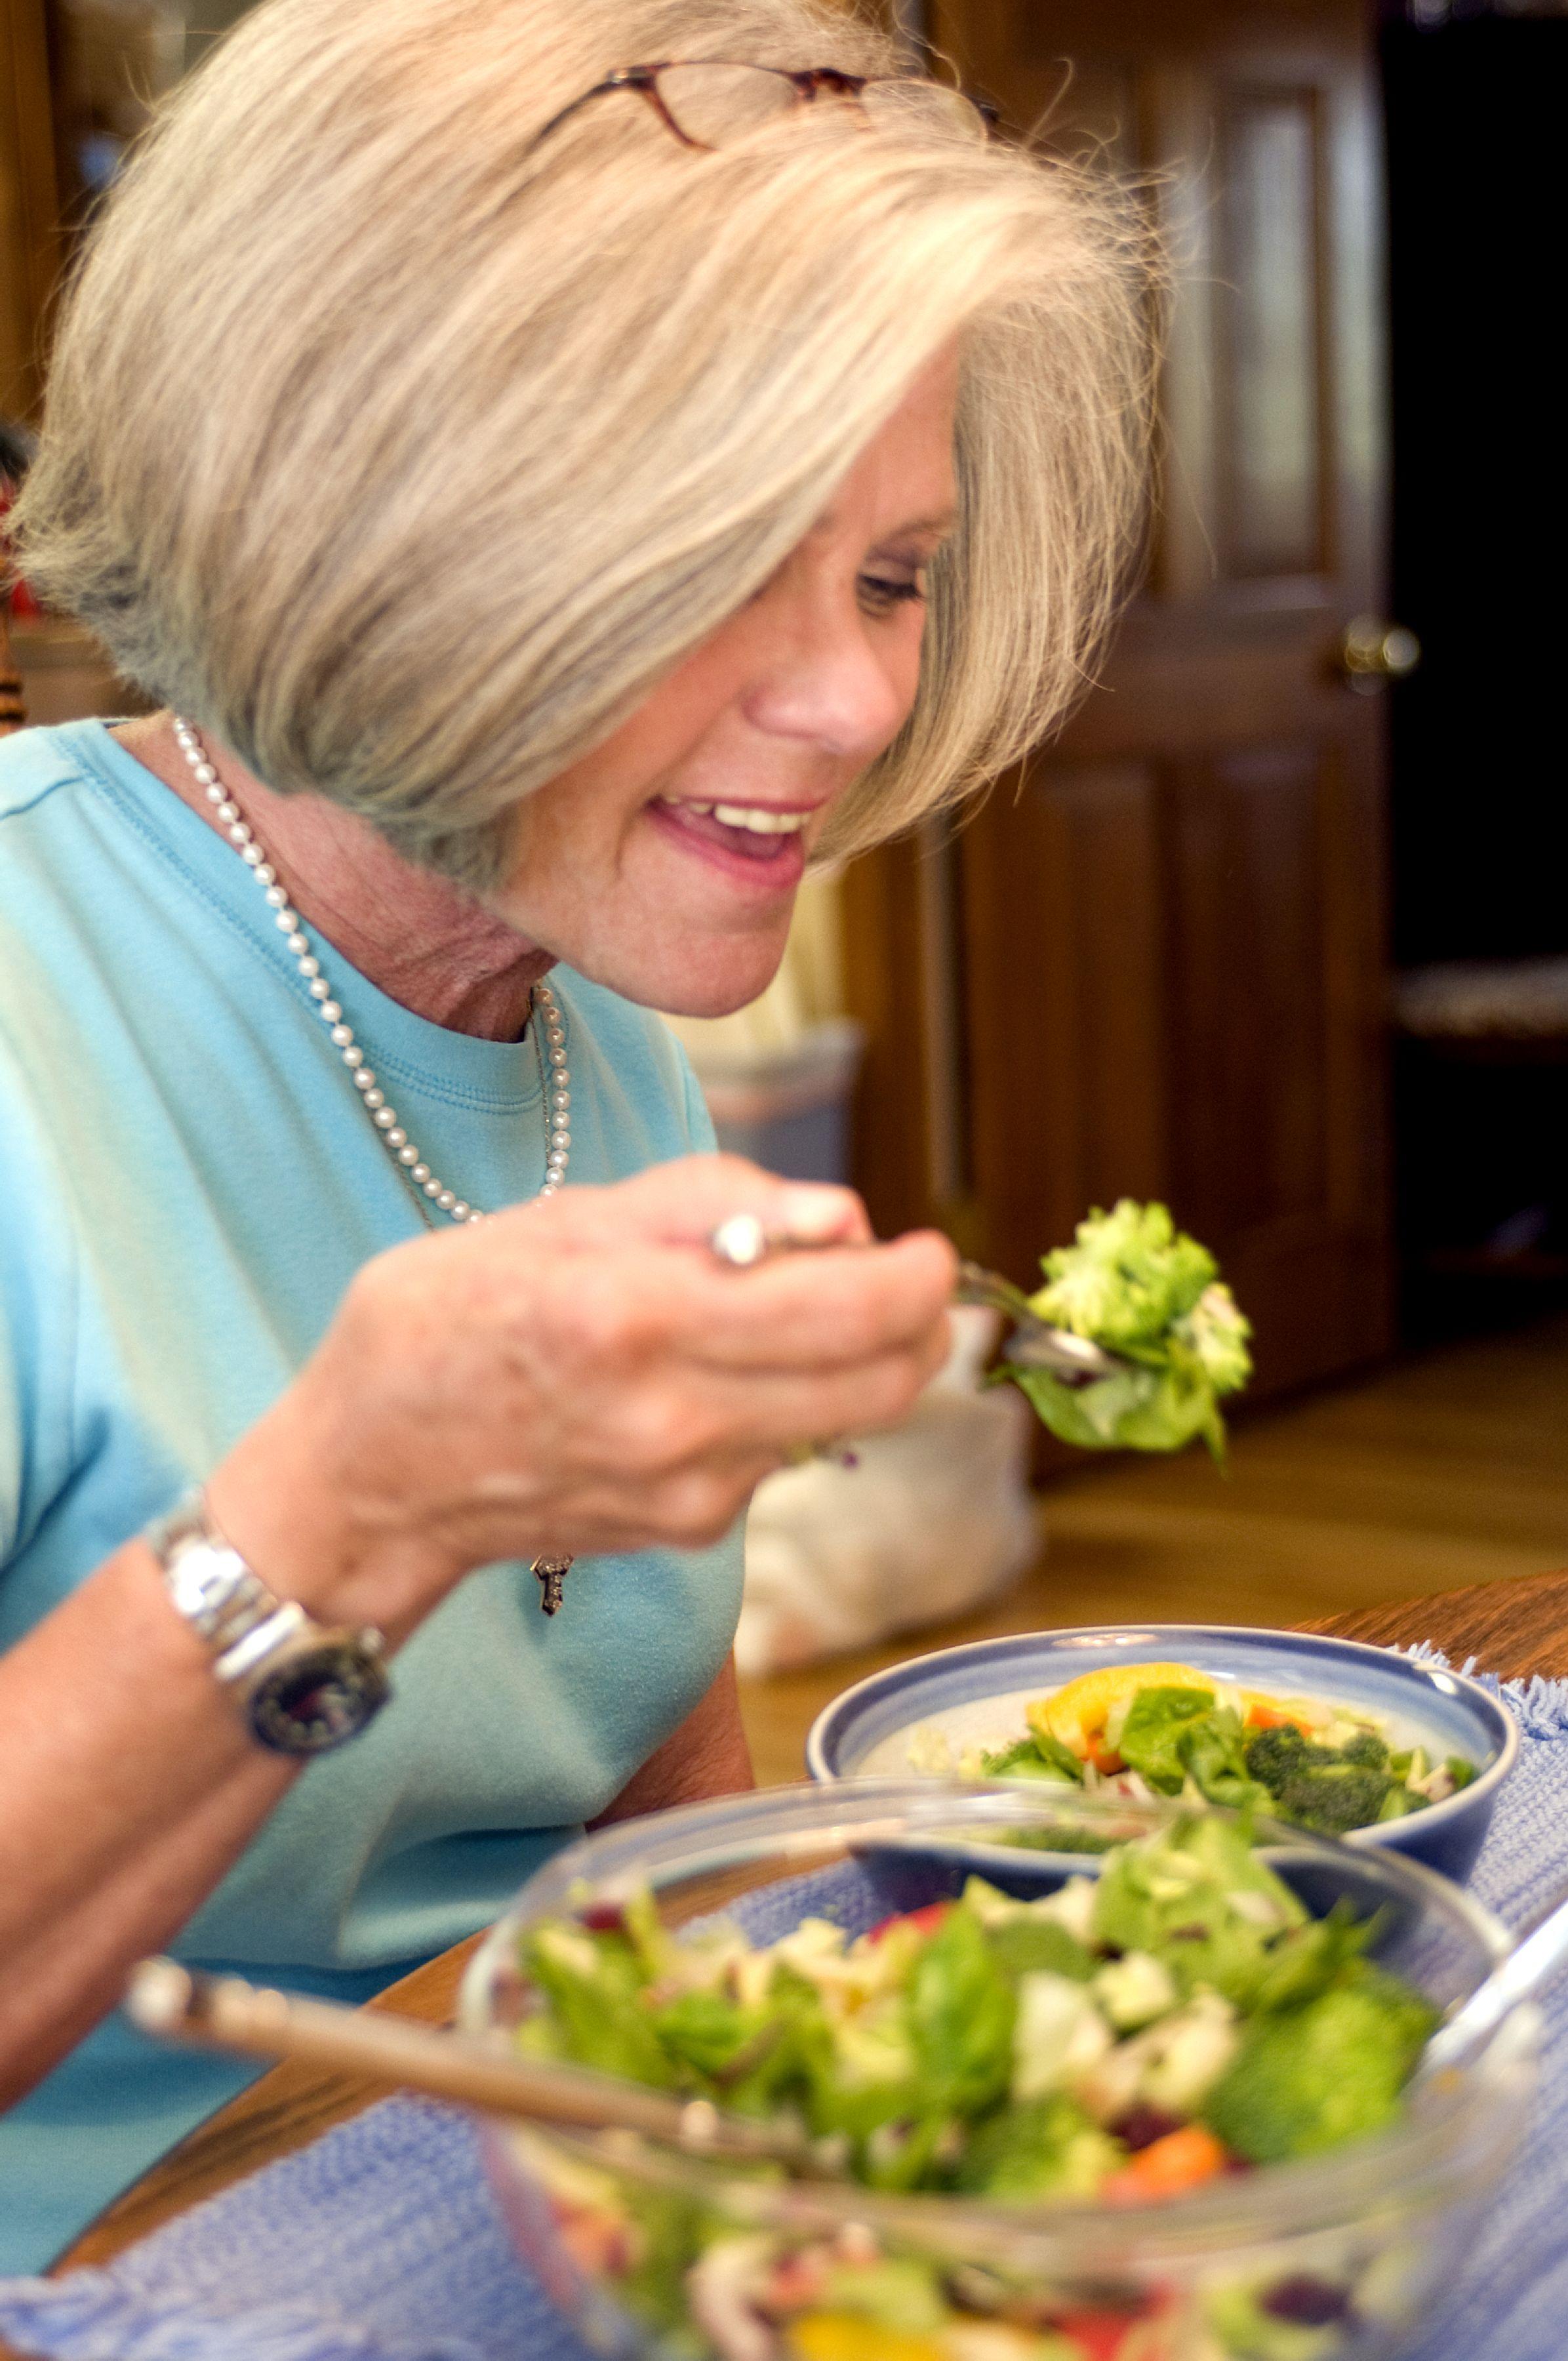 kostenlose bild frau essen gem se salat verpackt voll gesund zutaten. Black Bedroom Furniture Sets. Home Design Ideas